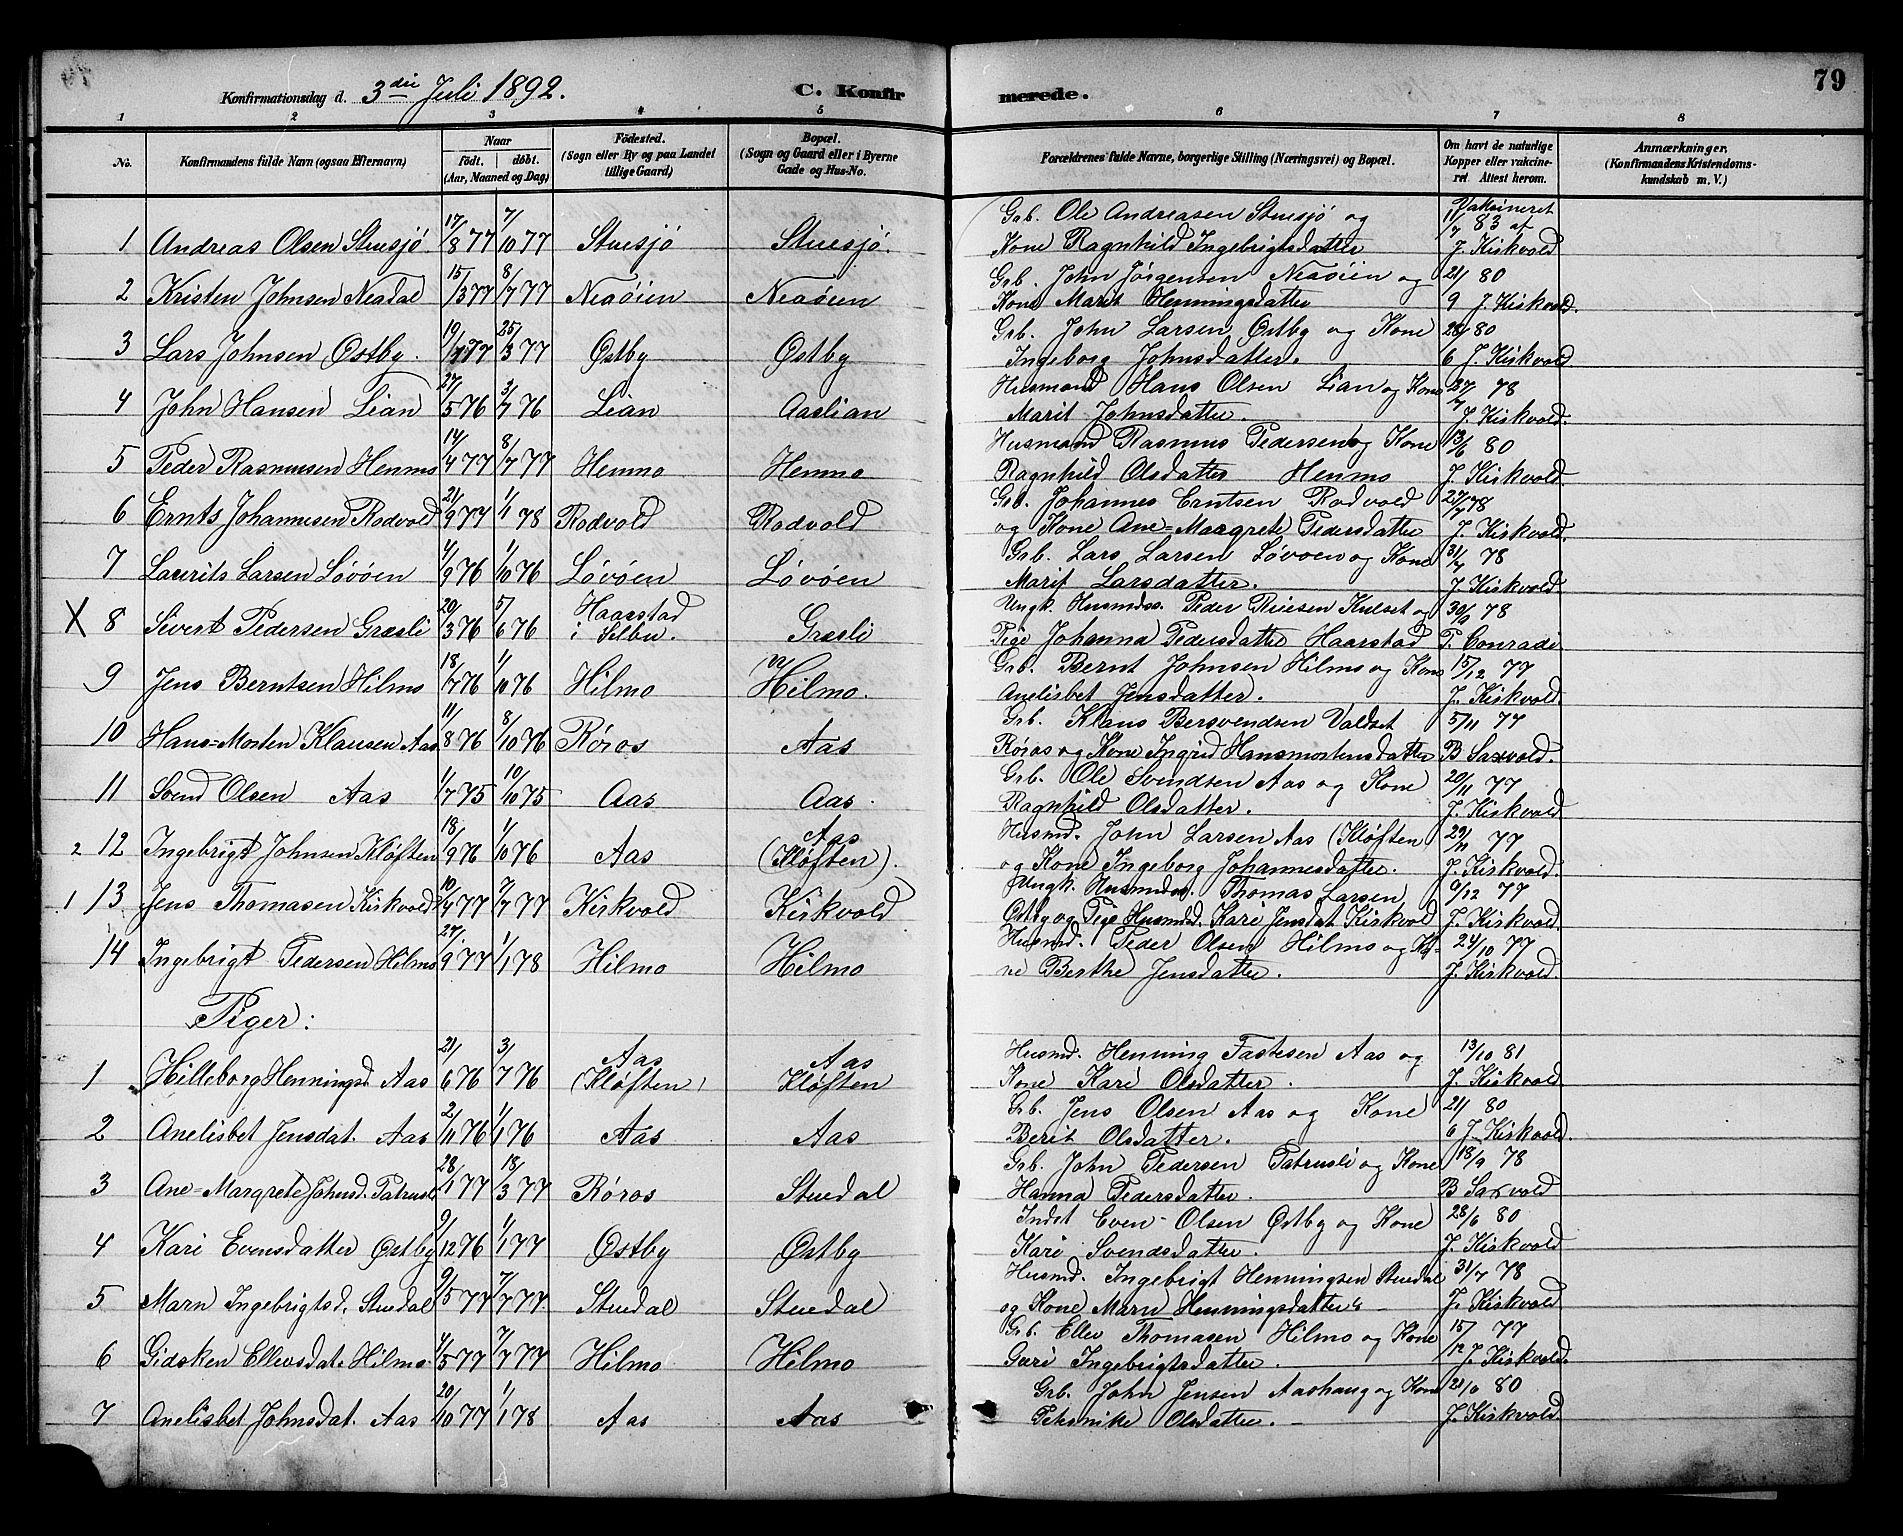 SAT, Ministerialprotokoller, klokkerbøker og fødselsregistre - Sør-Trøndelag, 698/L1167: Klokkerbok nr. 698C04, 1888-1907, s. 79